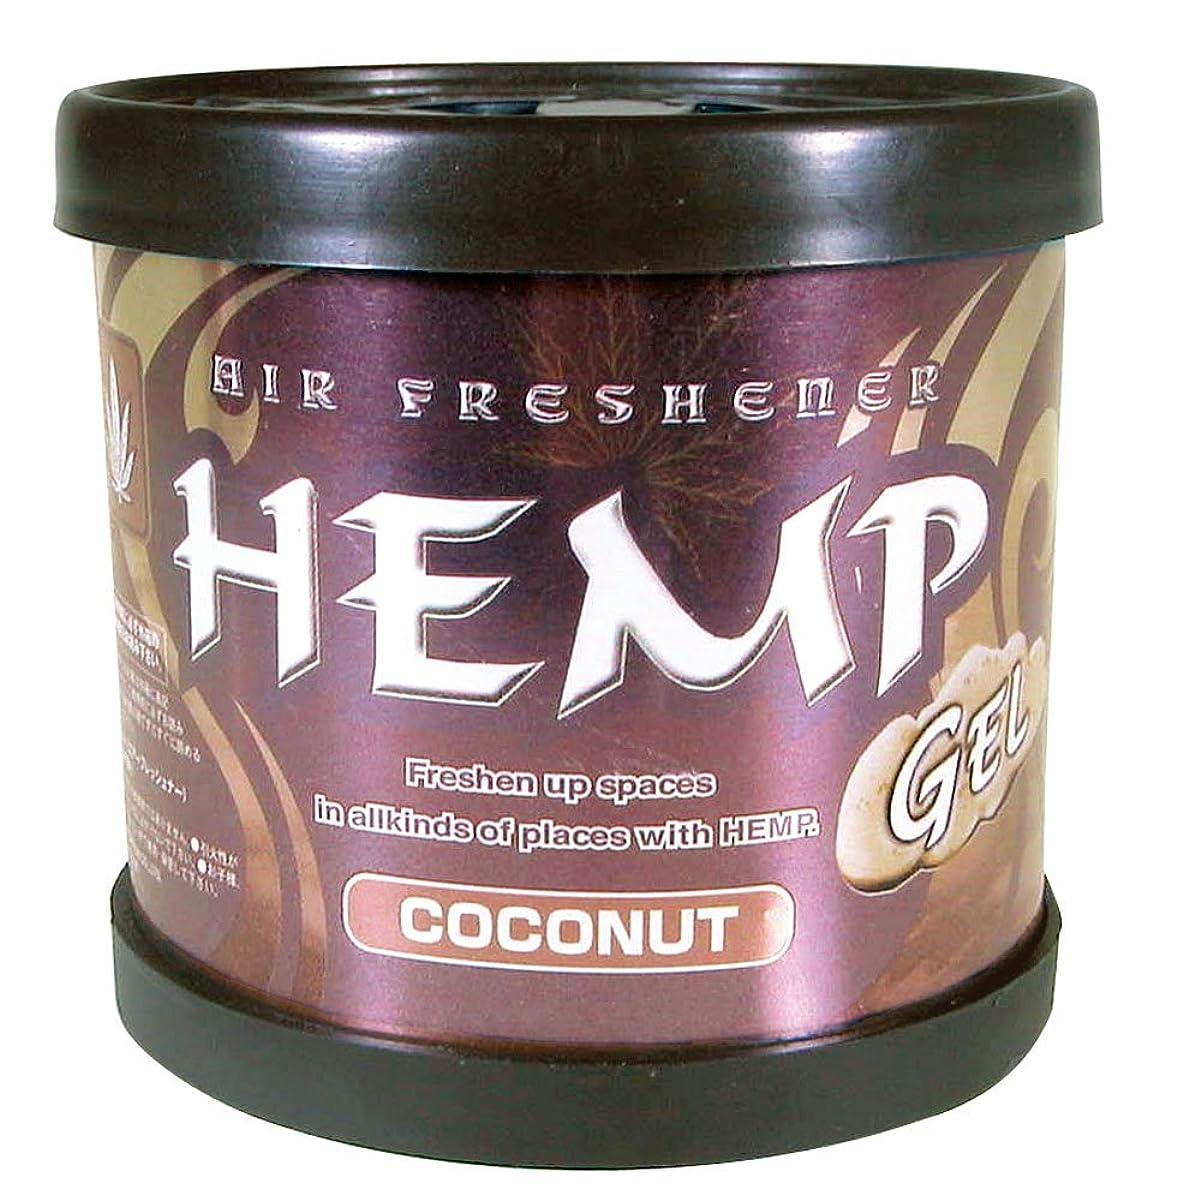 大聖堂安価な地獄ヘンプ 消臭 芳香剤 フレグランスジェル ココナッツの香り 80g OA-HEG-1-2